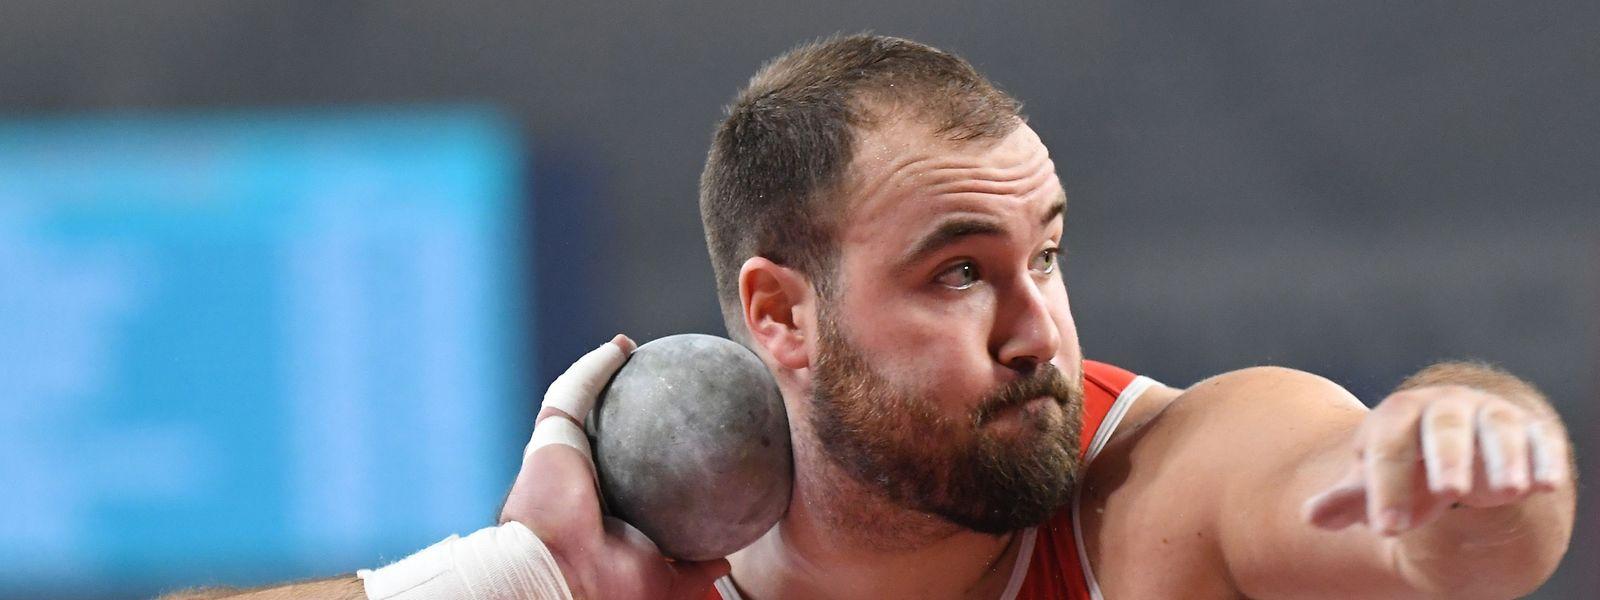 Bob Bertemes é um dos atletas que vai representar as cores luxemburguesas.